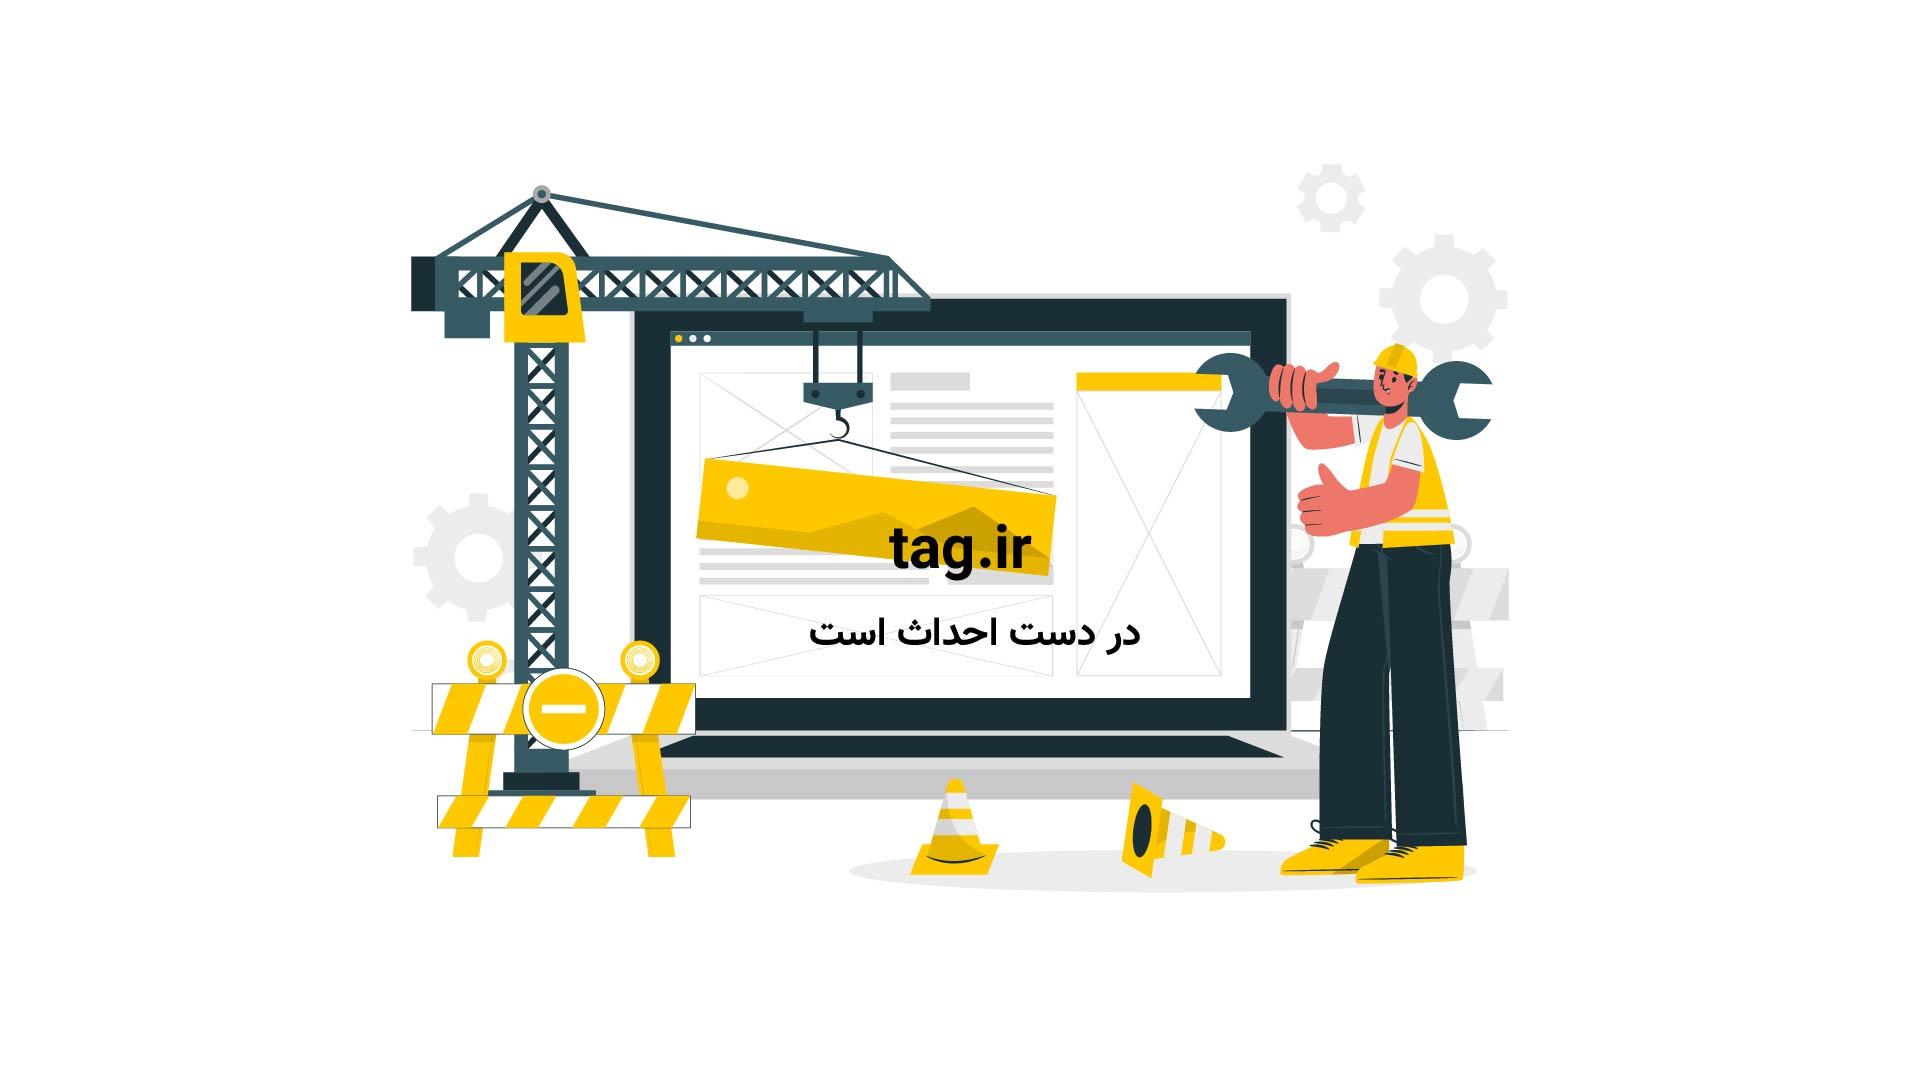 سخنرانیهای تد؛ ارائه گونهای جدید از تصویربرداری بسیار سریع | فیلم